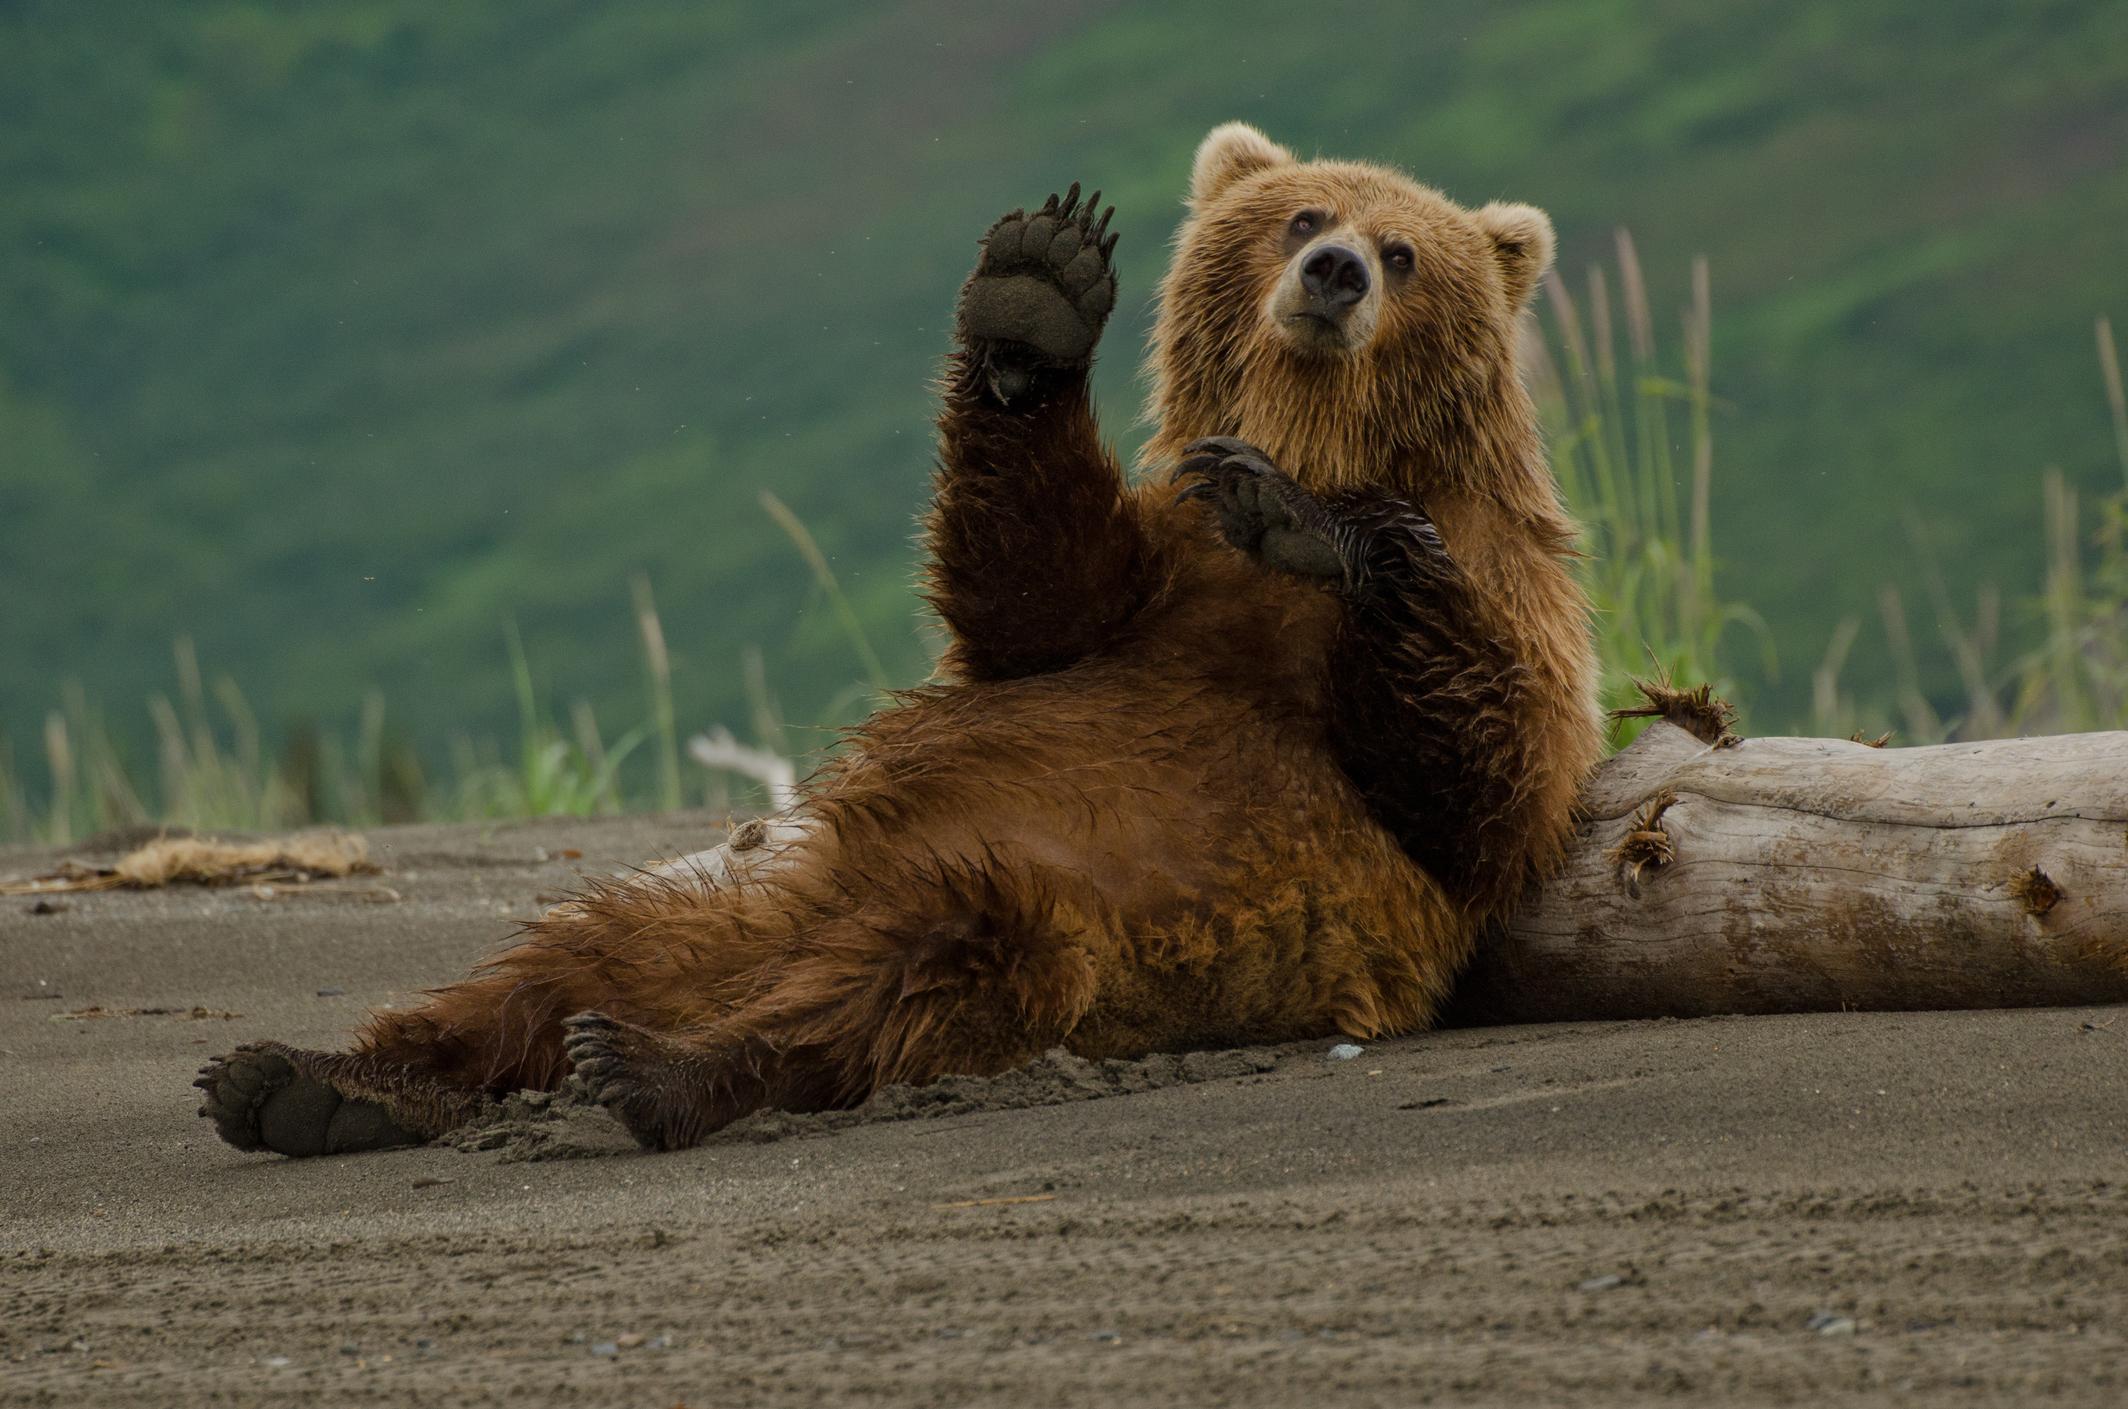 Recling against a log, a brown bear waves.